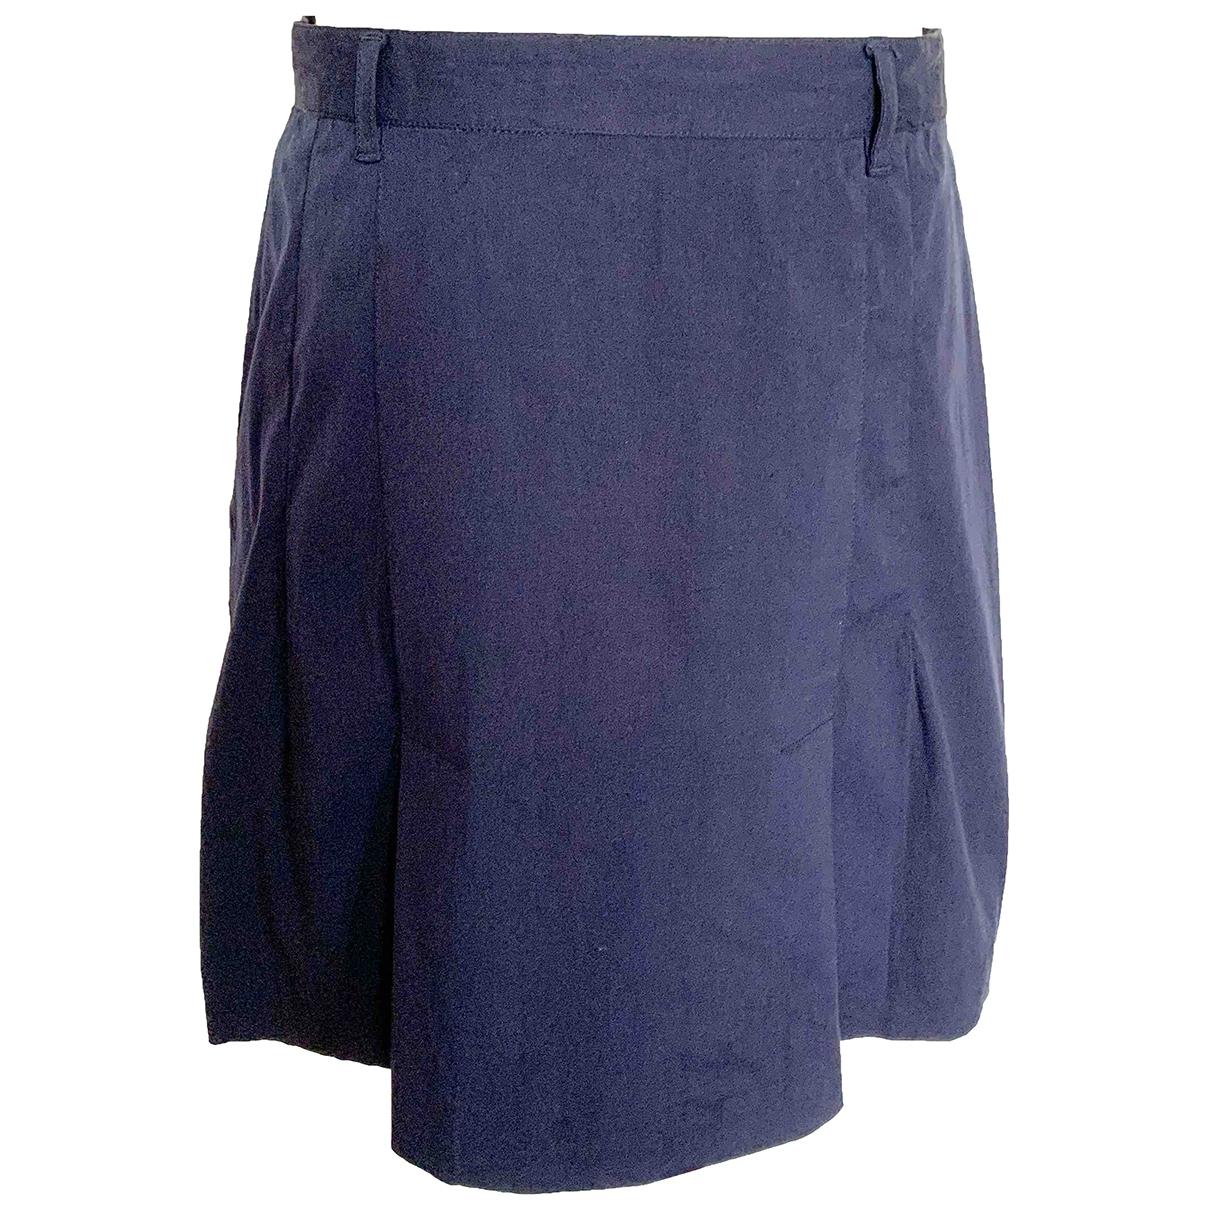 Prada \N Blue Cotton skirt for Women 44 IT